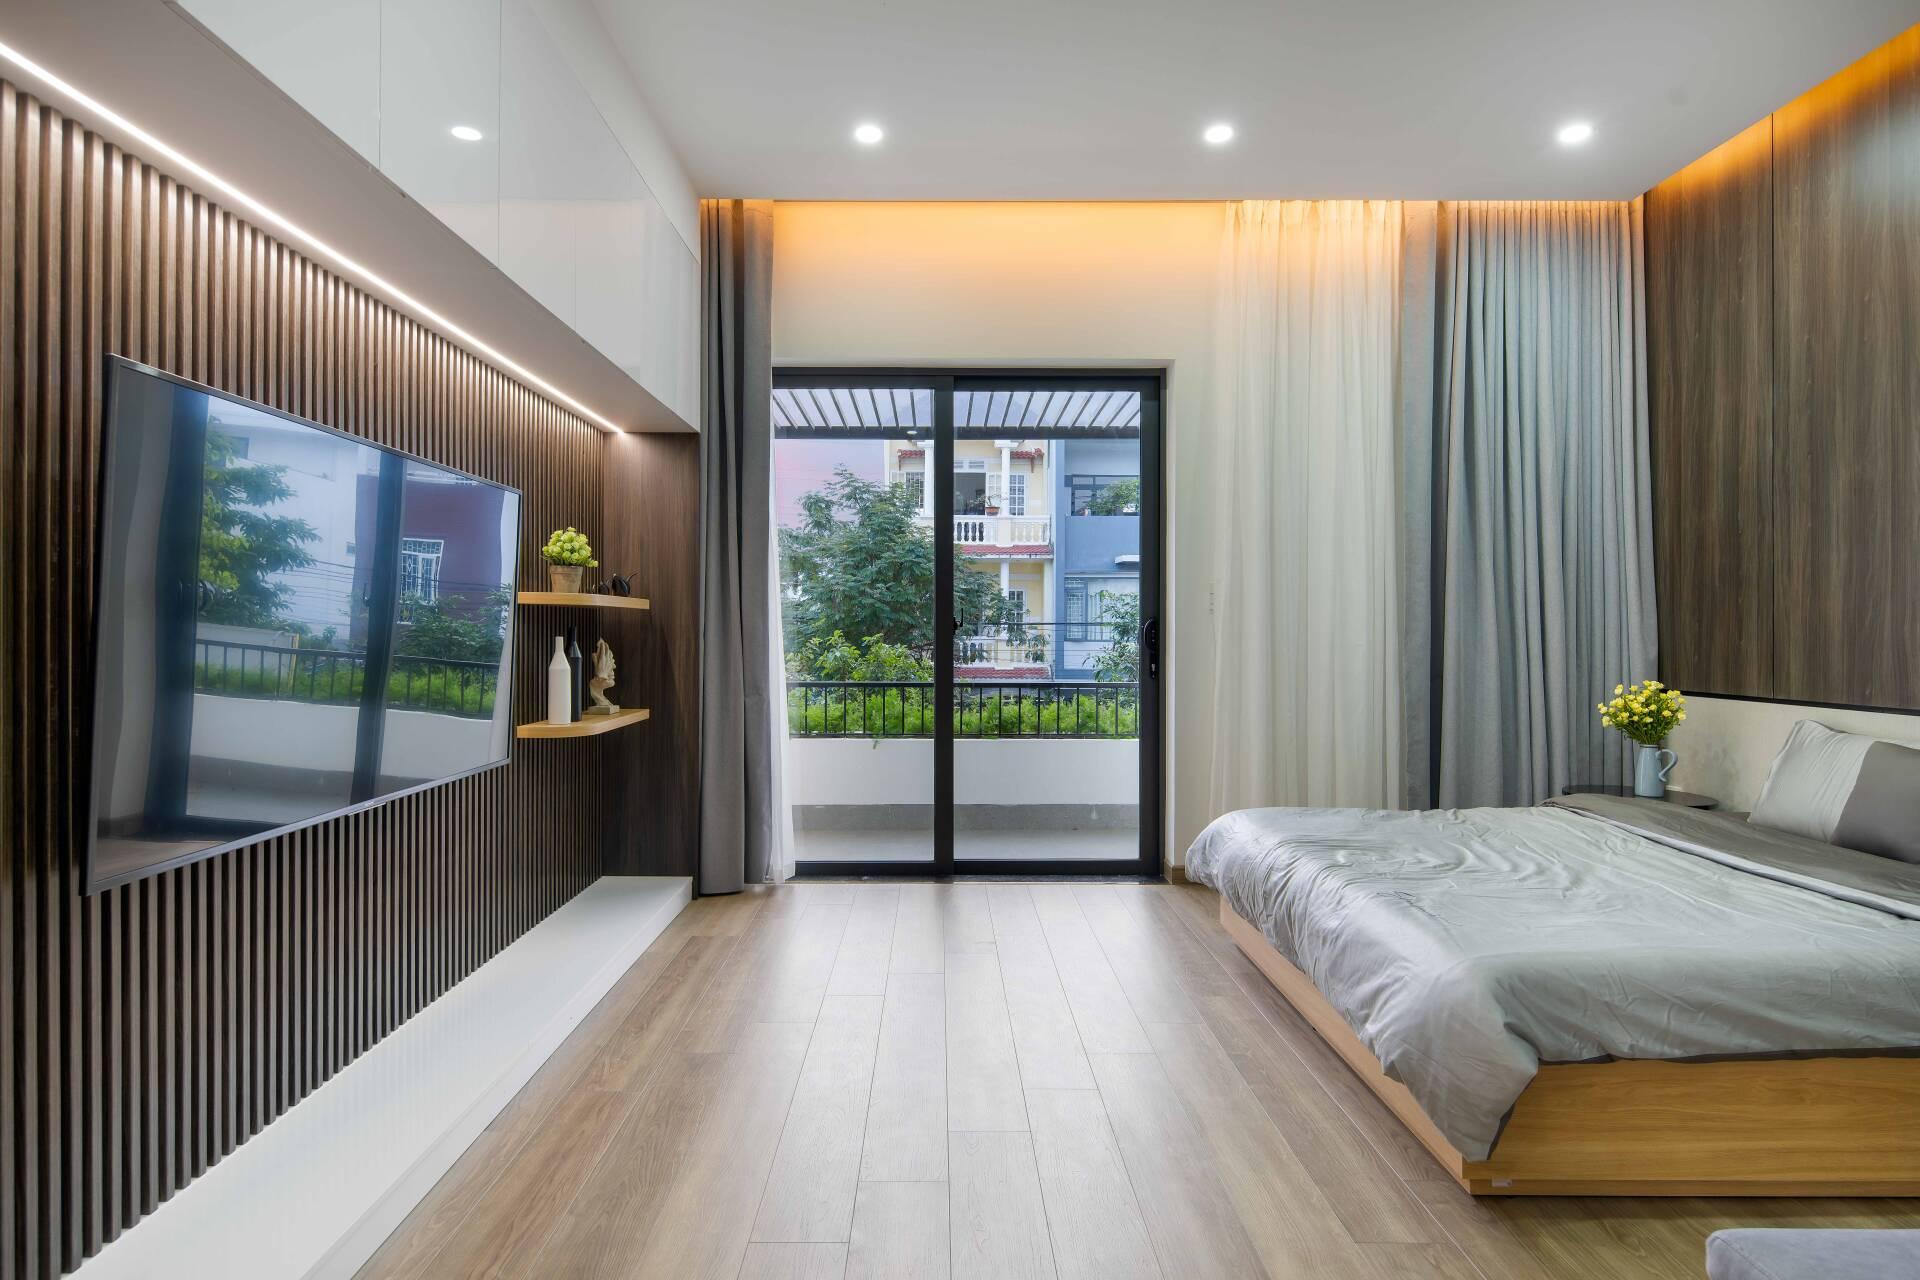 Phòng ngủ master có không gian rộng rãi, ban công nhìn ra khu phố